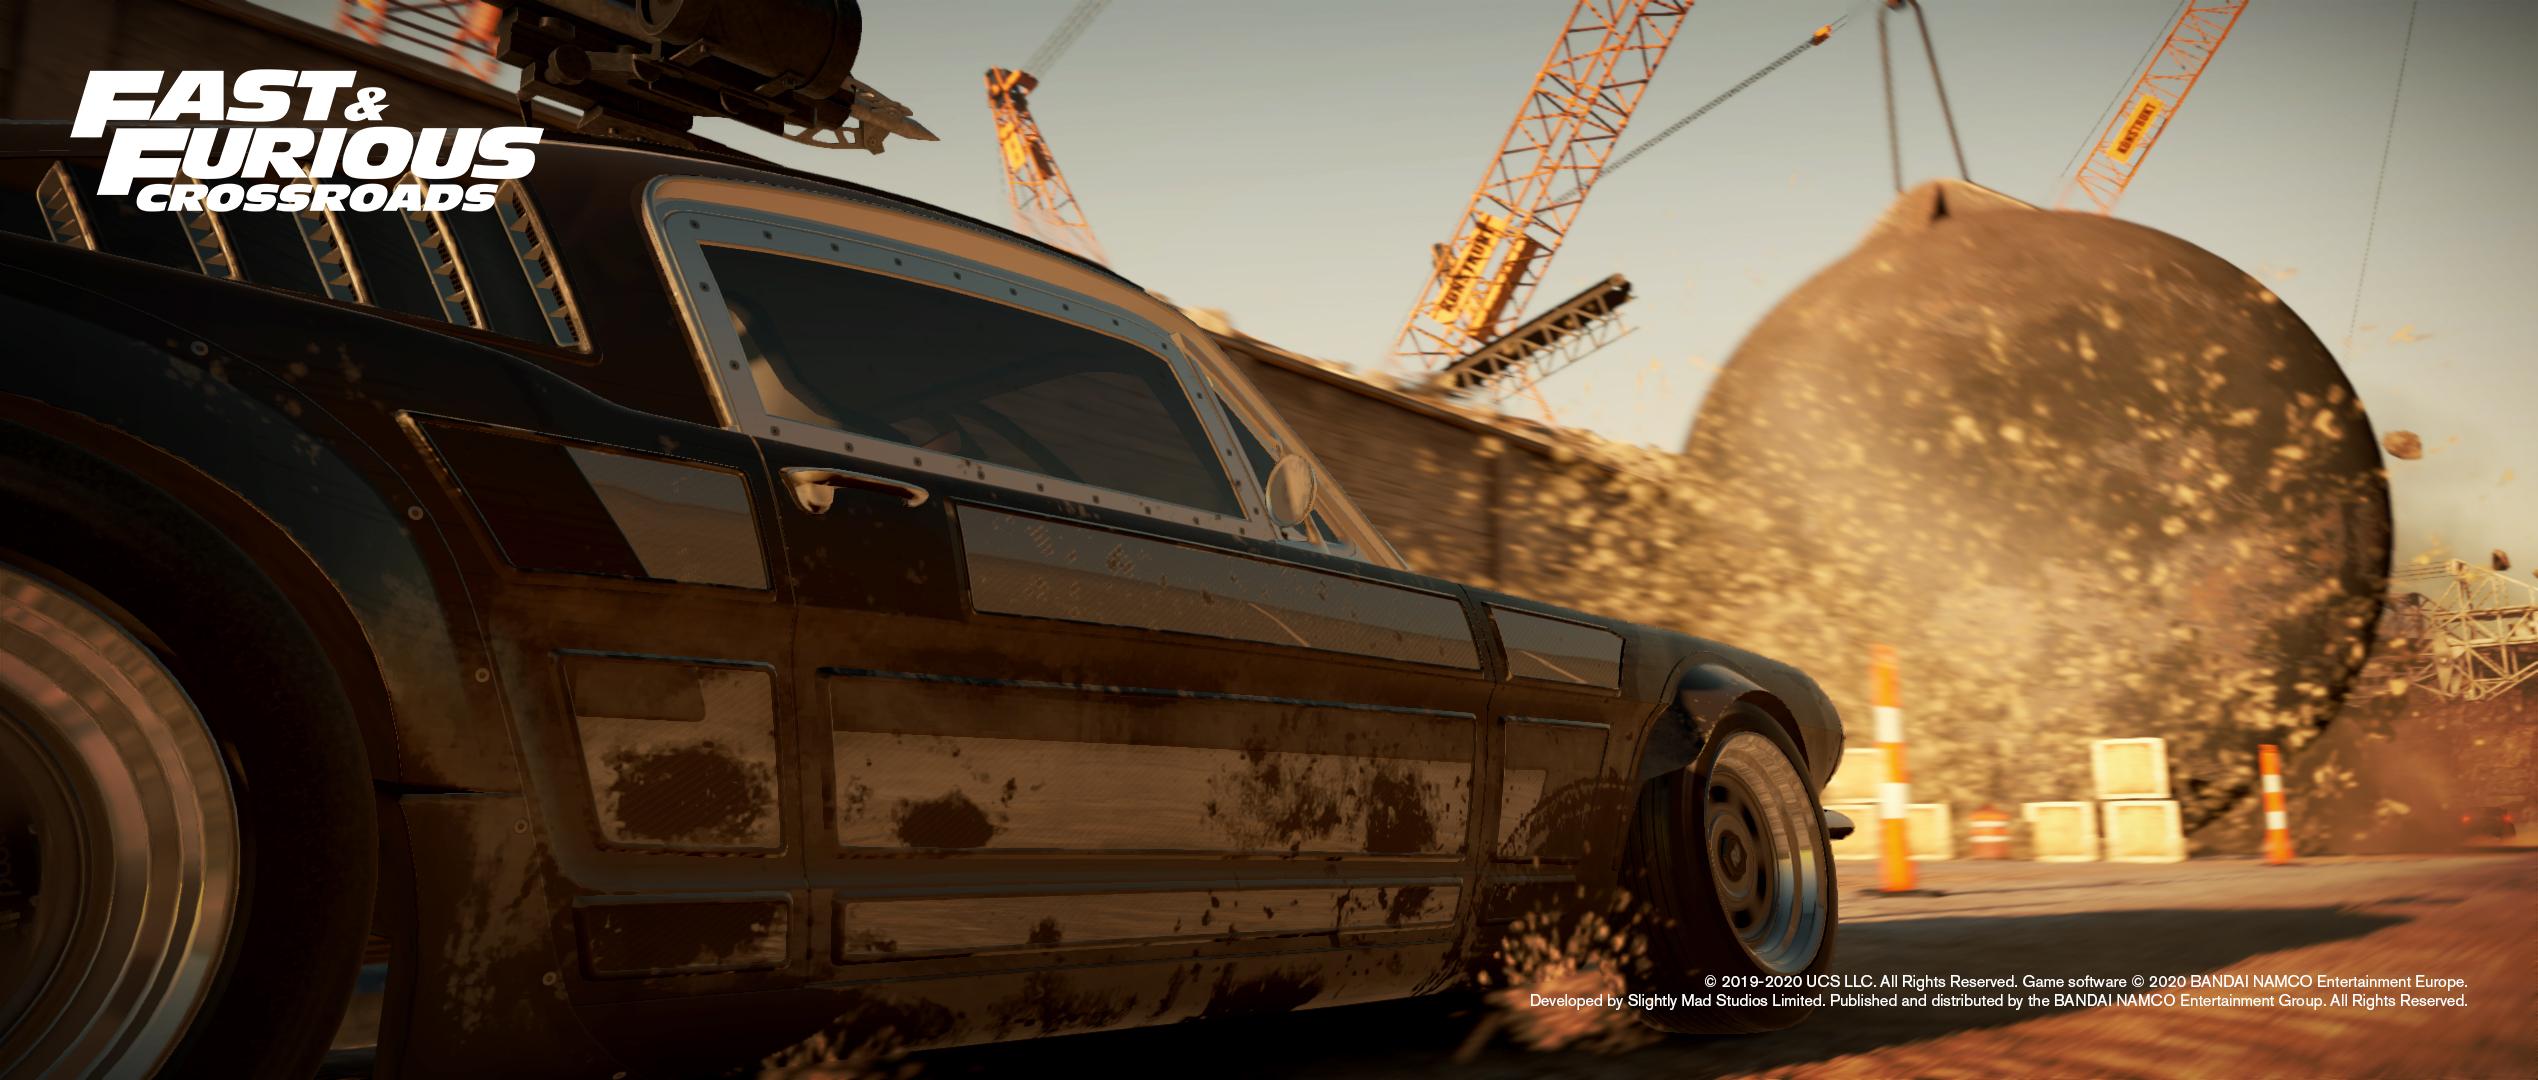 Fast and Furious Crossroads descubre información sobre los tipos de misiones 1